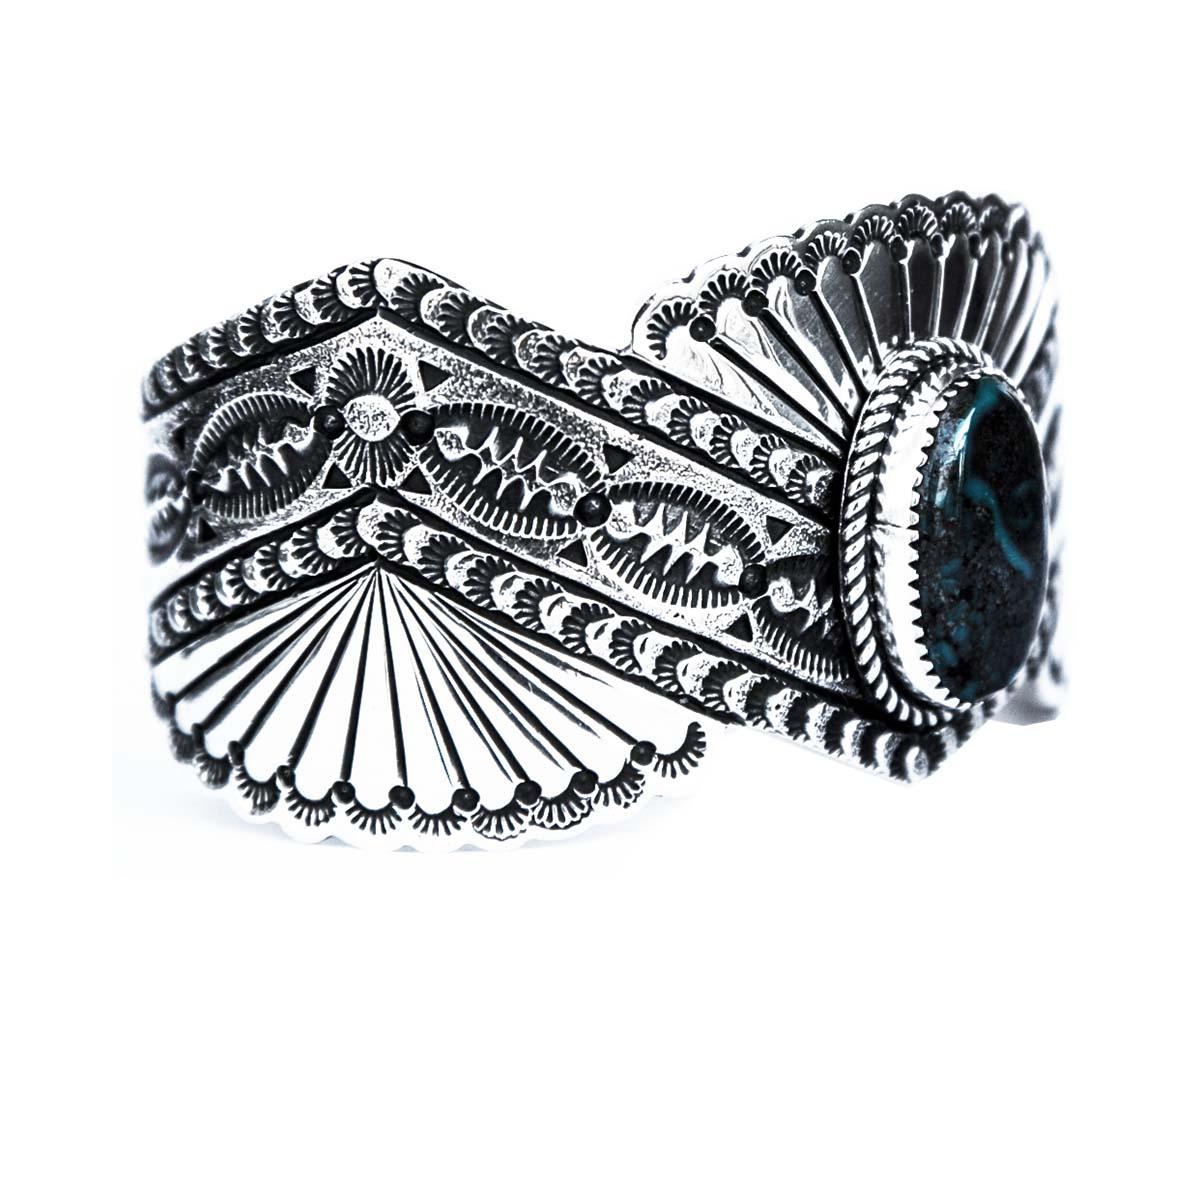 画像2: ターコイズ&スターリングシルバー ハンドメイド ブレスレット/Navajo Sterling Silver Bracelet